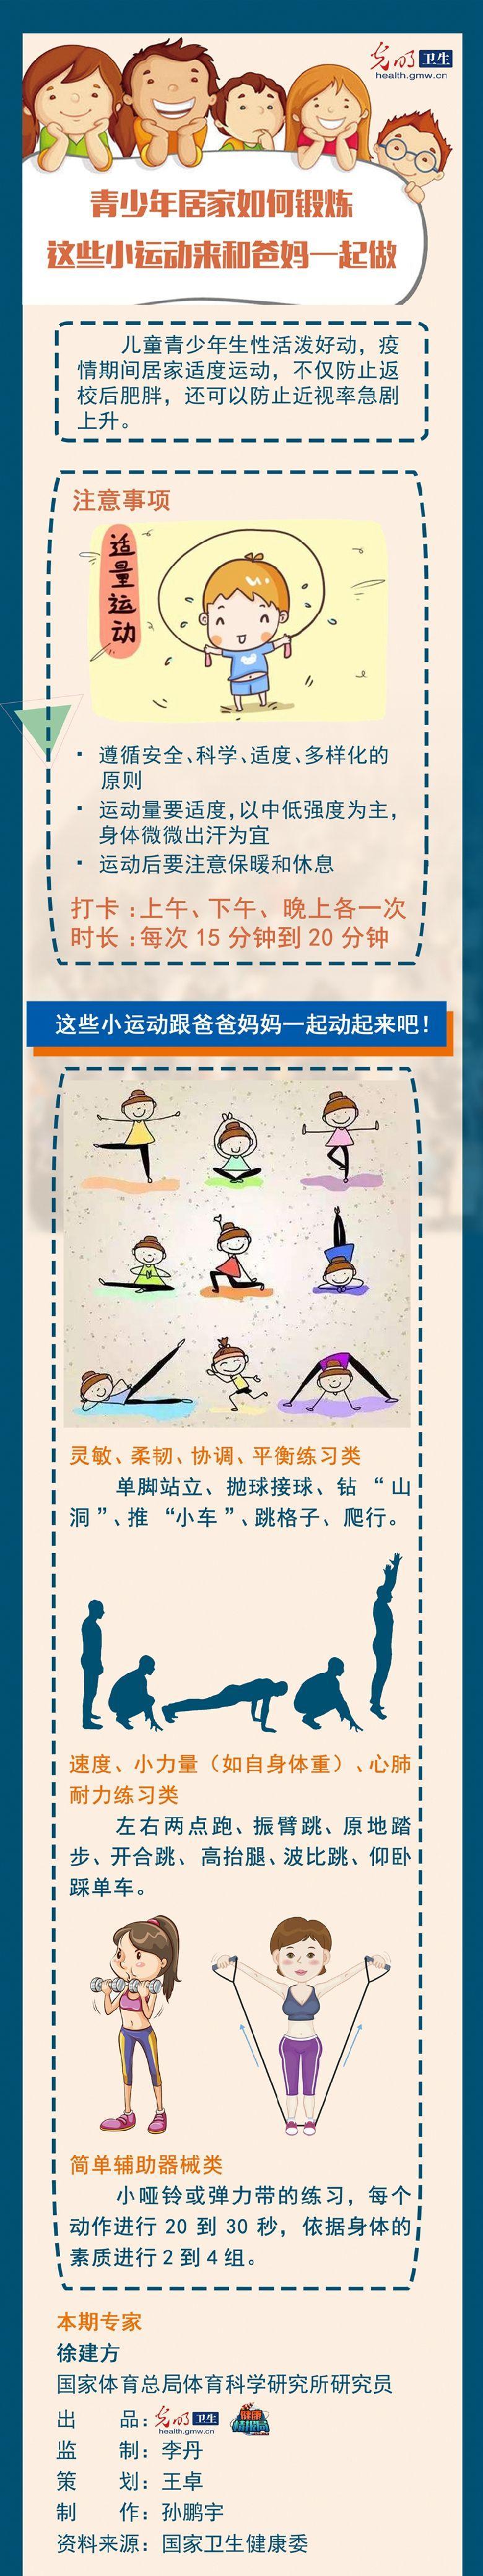 【一图读懂】青少年居家如何锻炼 这些小运动来和爸妈一起做